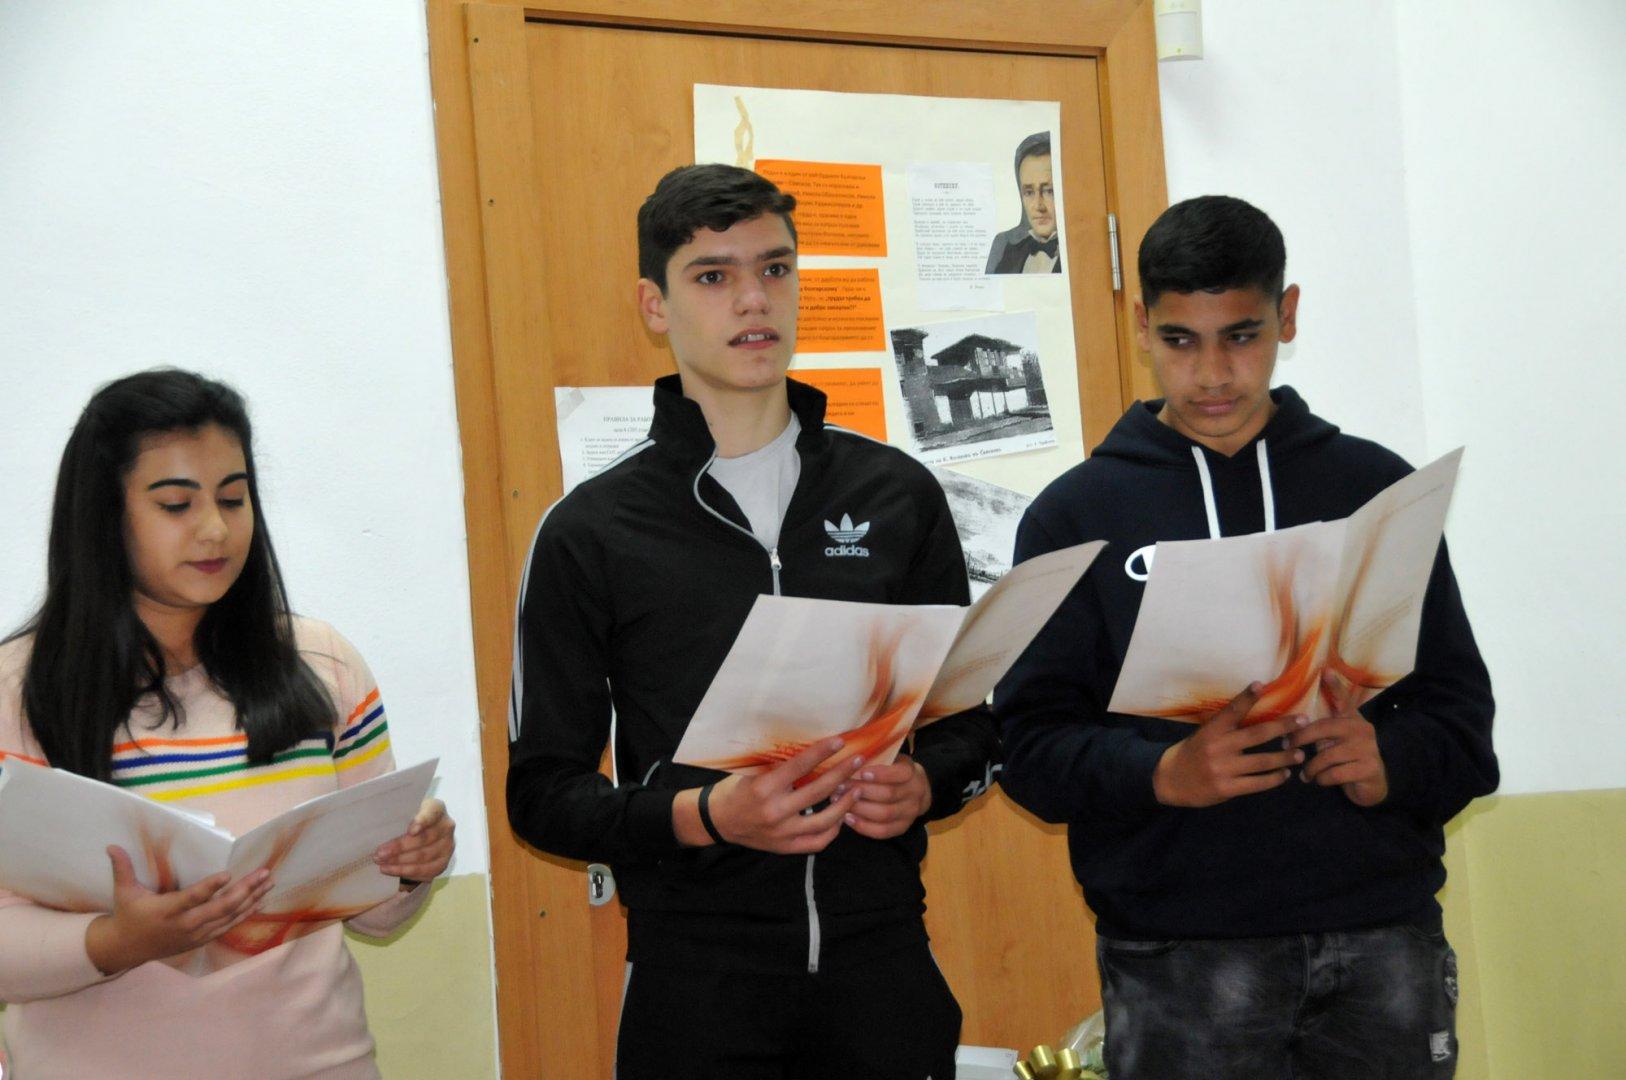 Възпитаниците на ПГЕЕ Константин Фотинов ще рецитират стихове в Деня на влюбените. Снимка: Архив Черноморие-бг